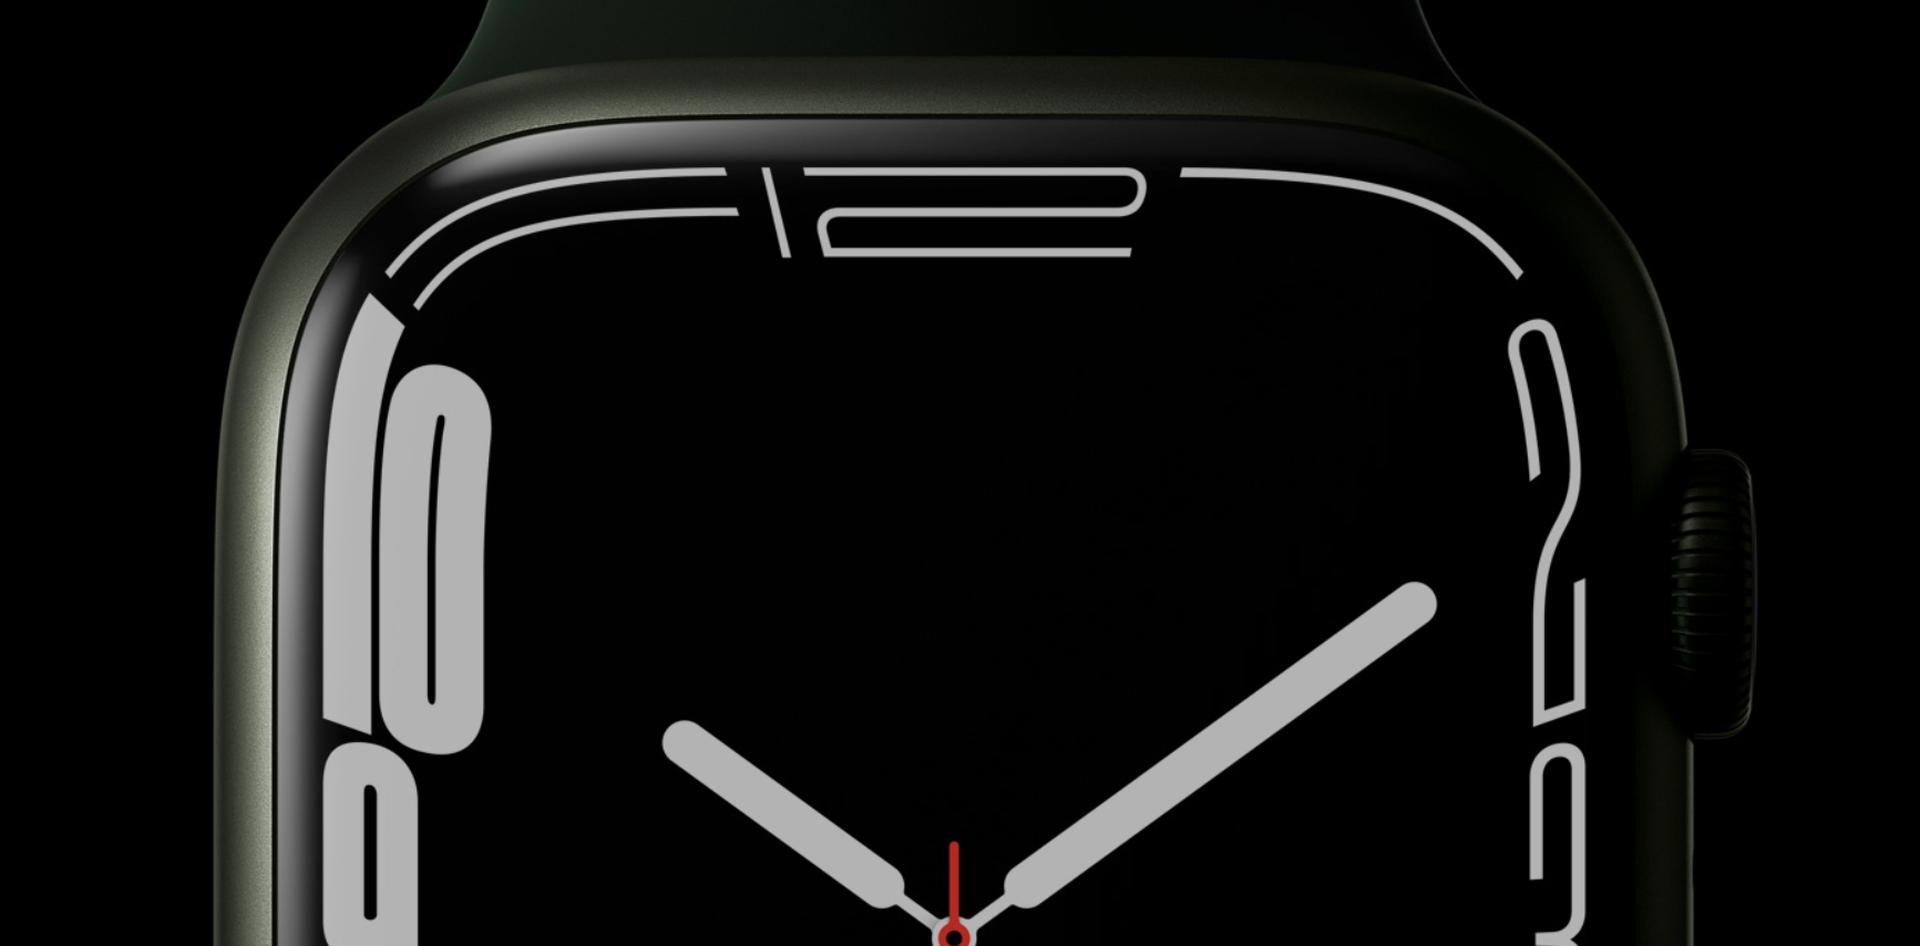 Wystartowała przedsprzedaż zegarków Apple Watch 7 generacji